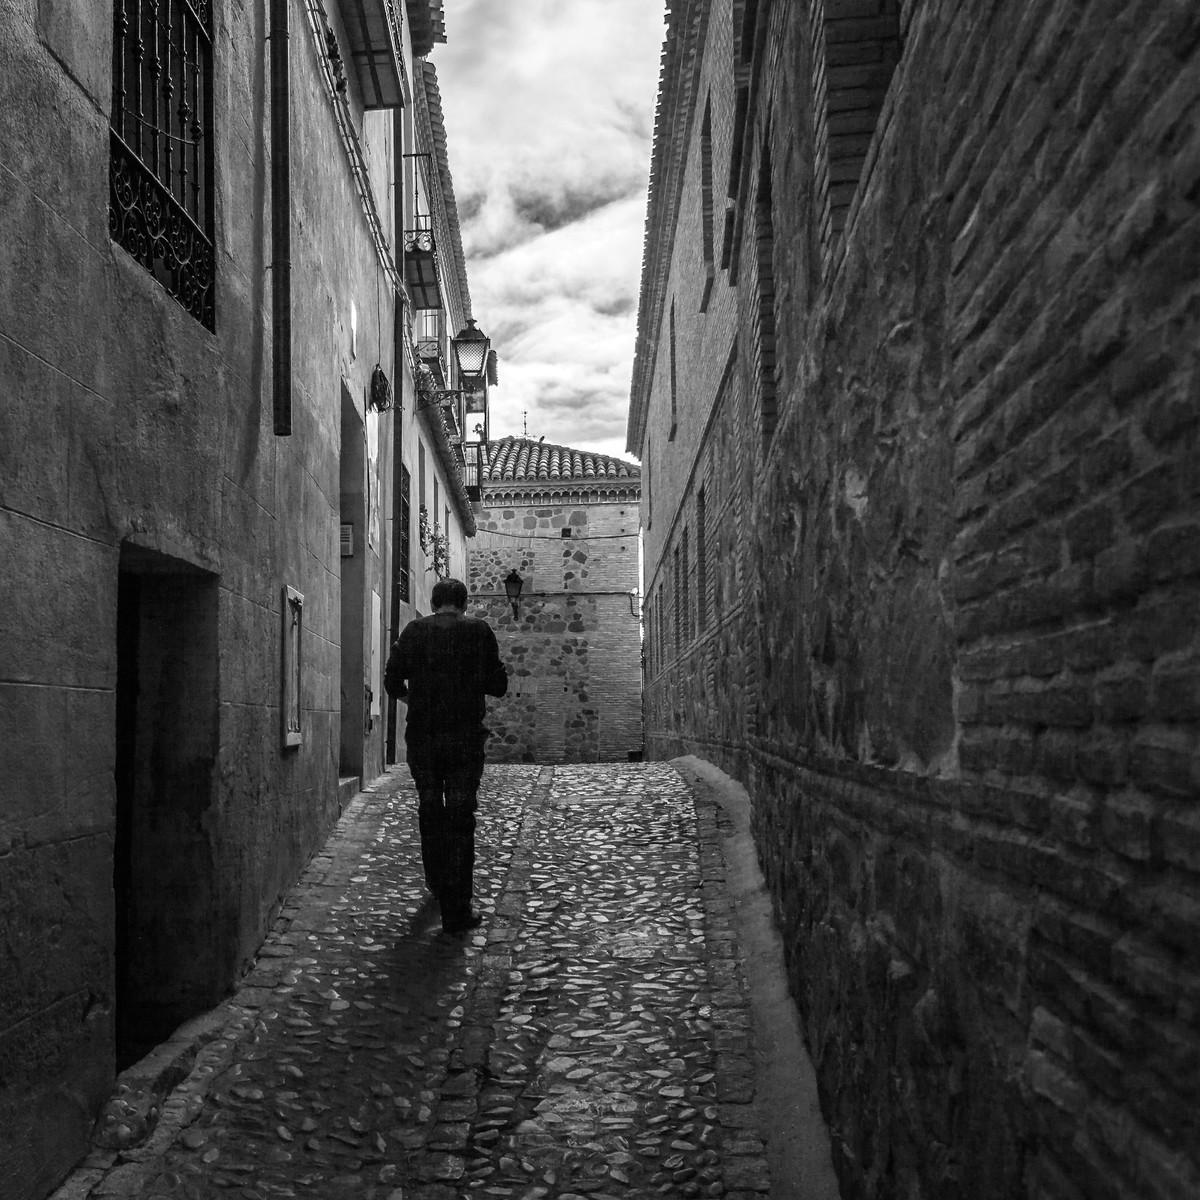 西班牙小镇,那些幽静的小石路_图1-4